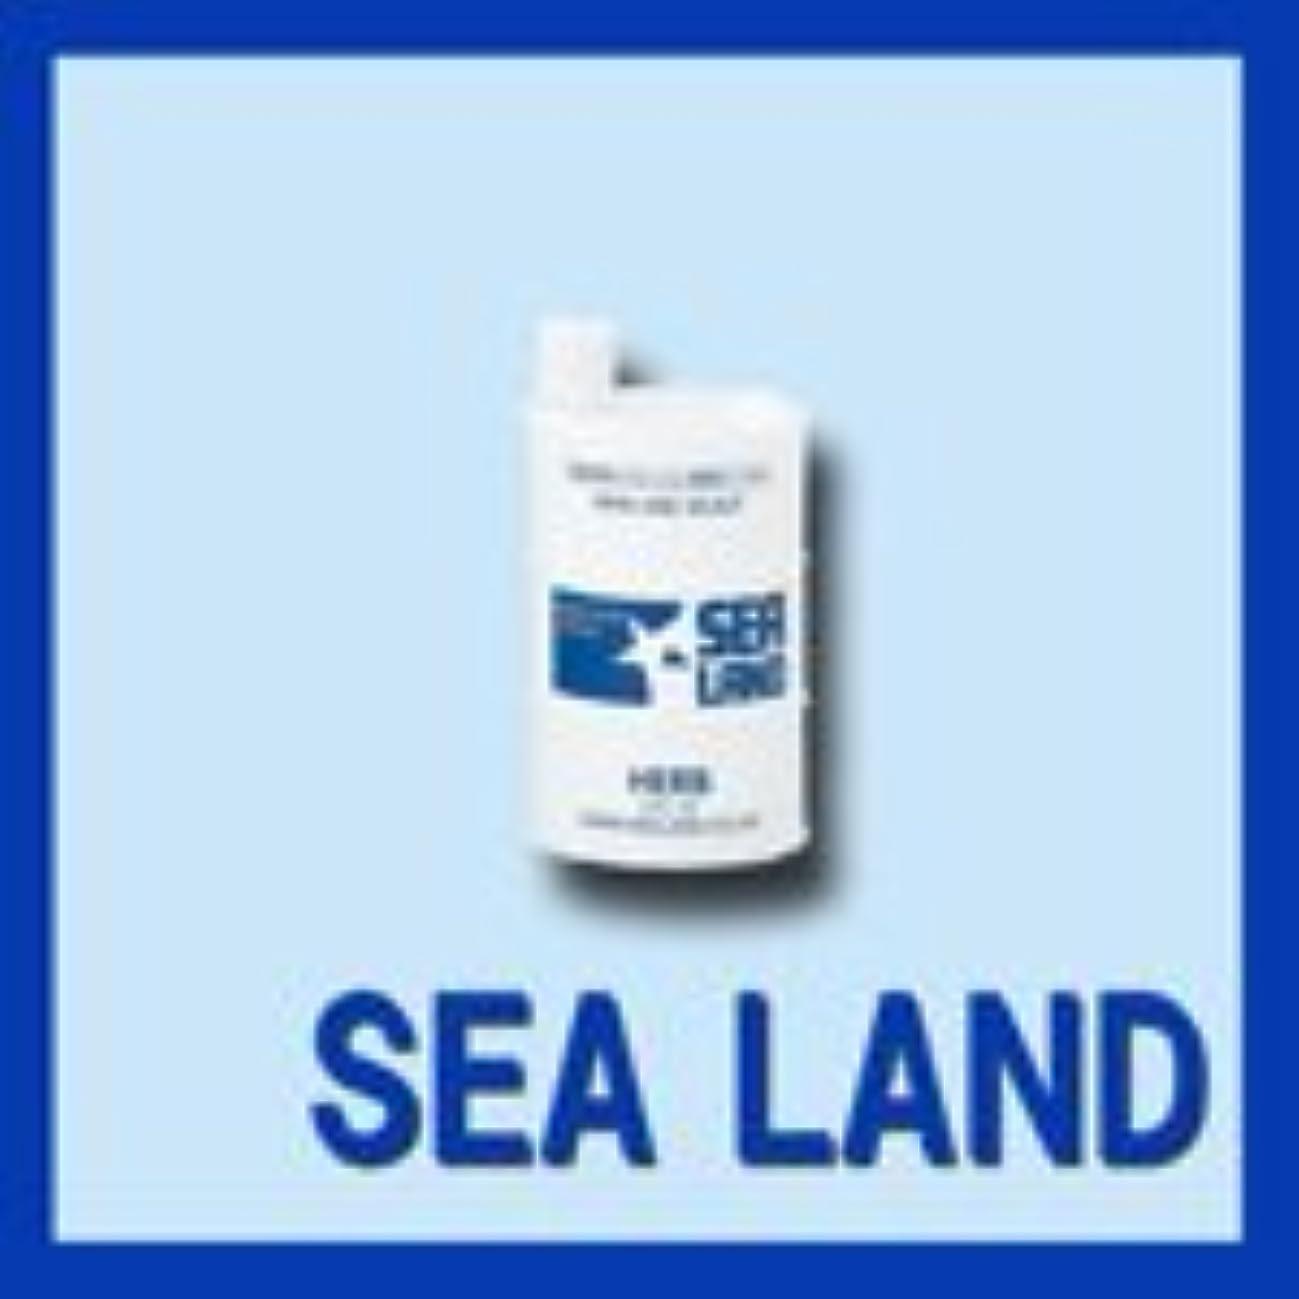 自体成長する極貧SEA LAND シーランド 薬用ローション 1000ml (ファミリードラム) ハーブバランス